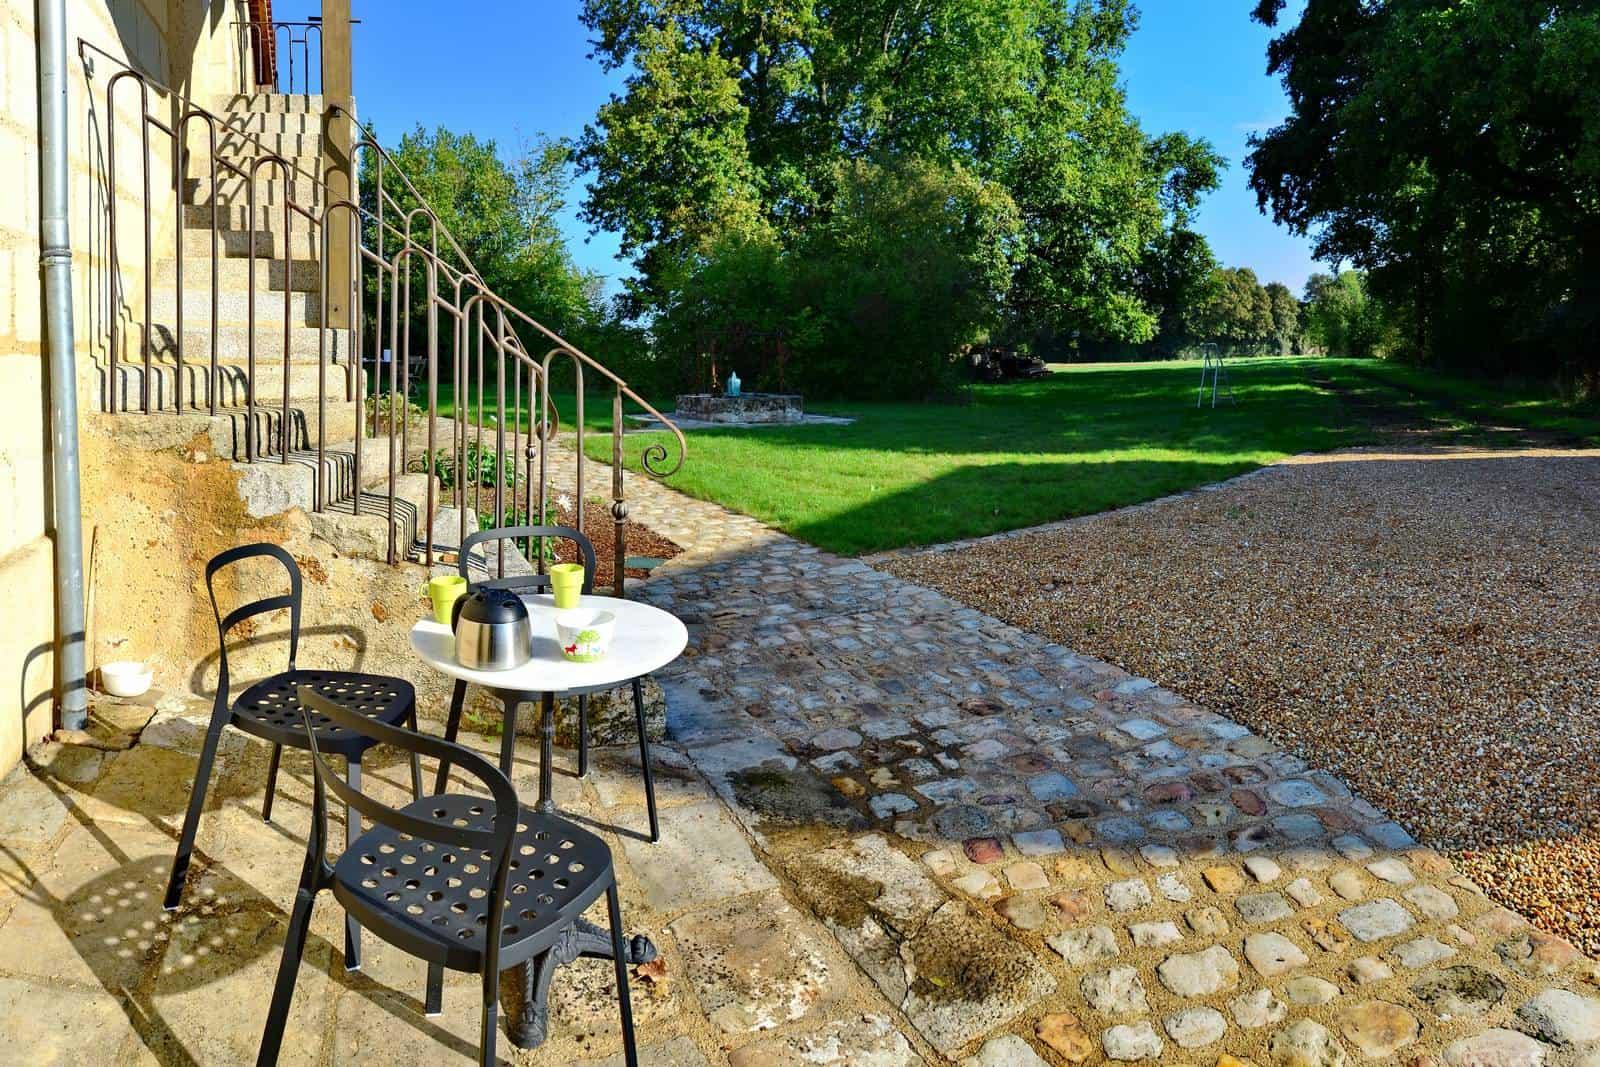 Terrasse au pied de l'escalier pour prendre le café - gîte rural de Haute Forêt en Vallée du Loir